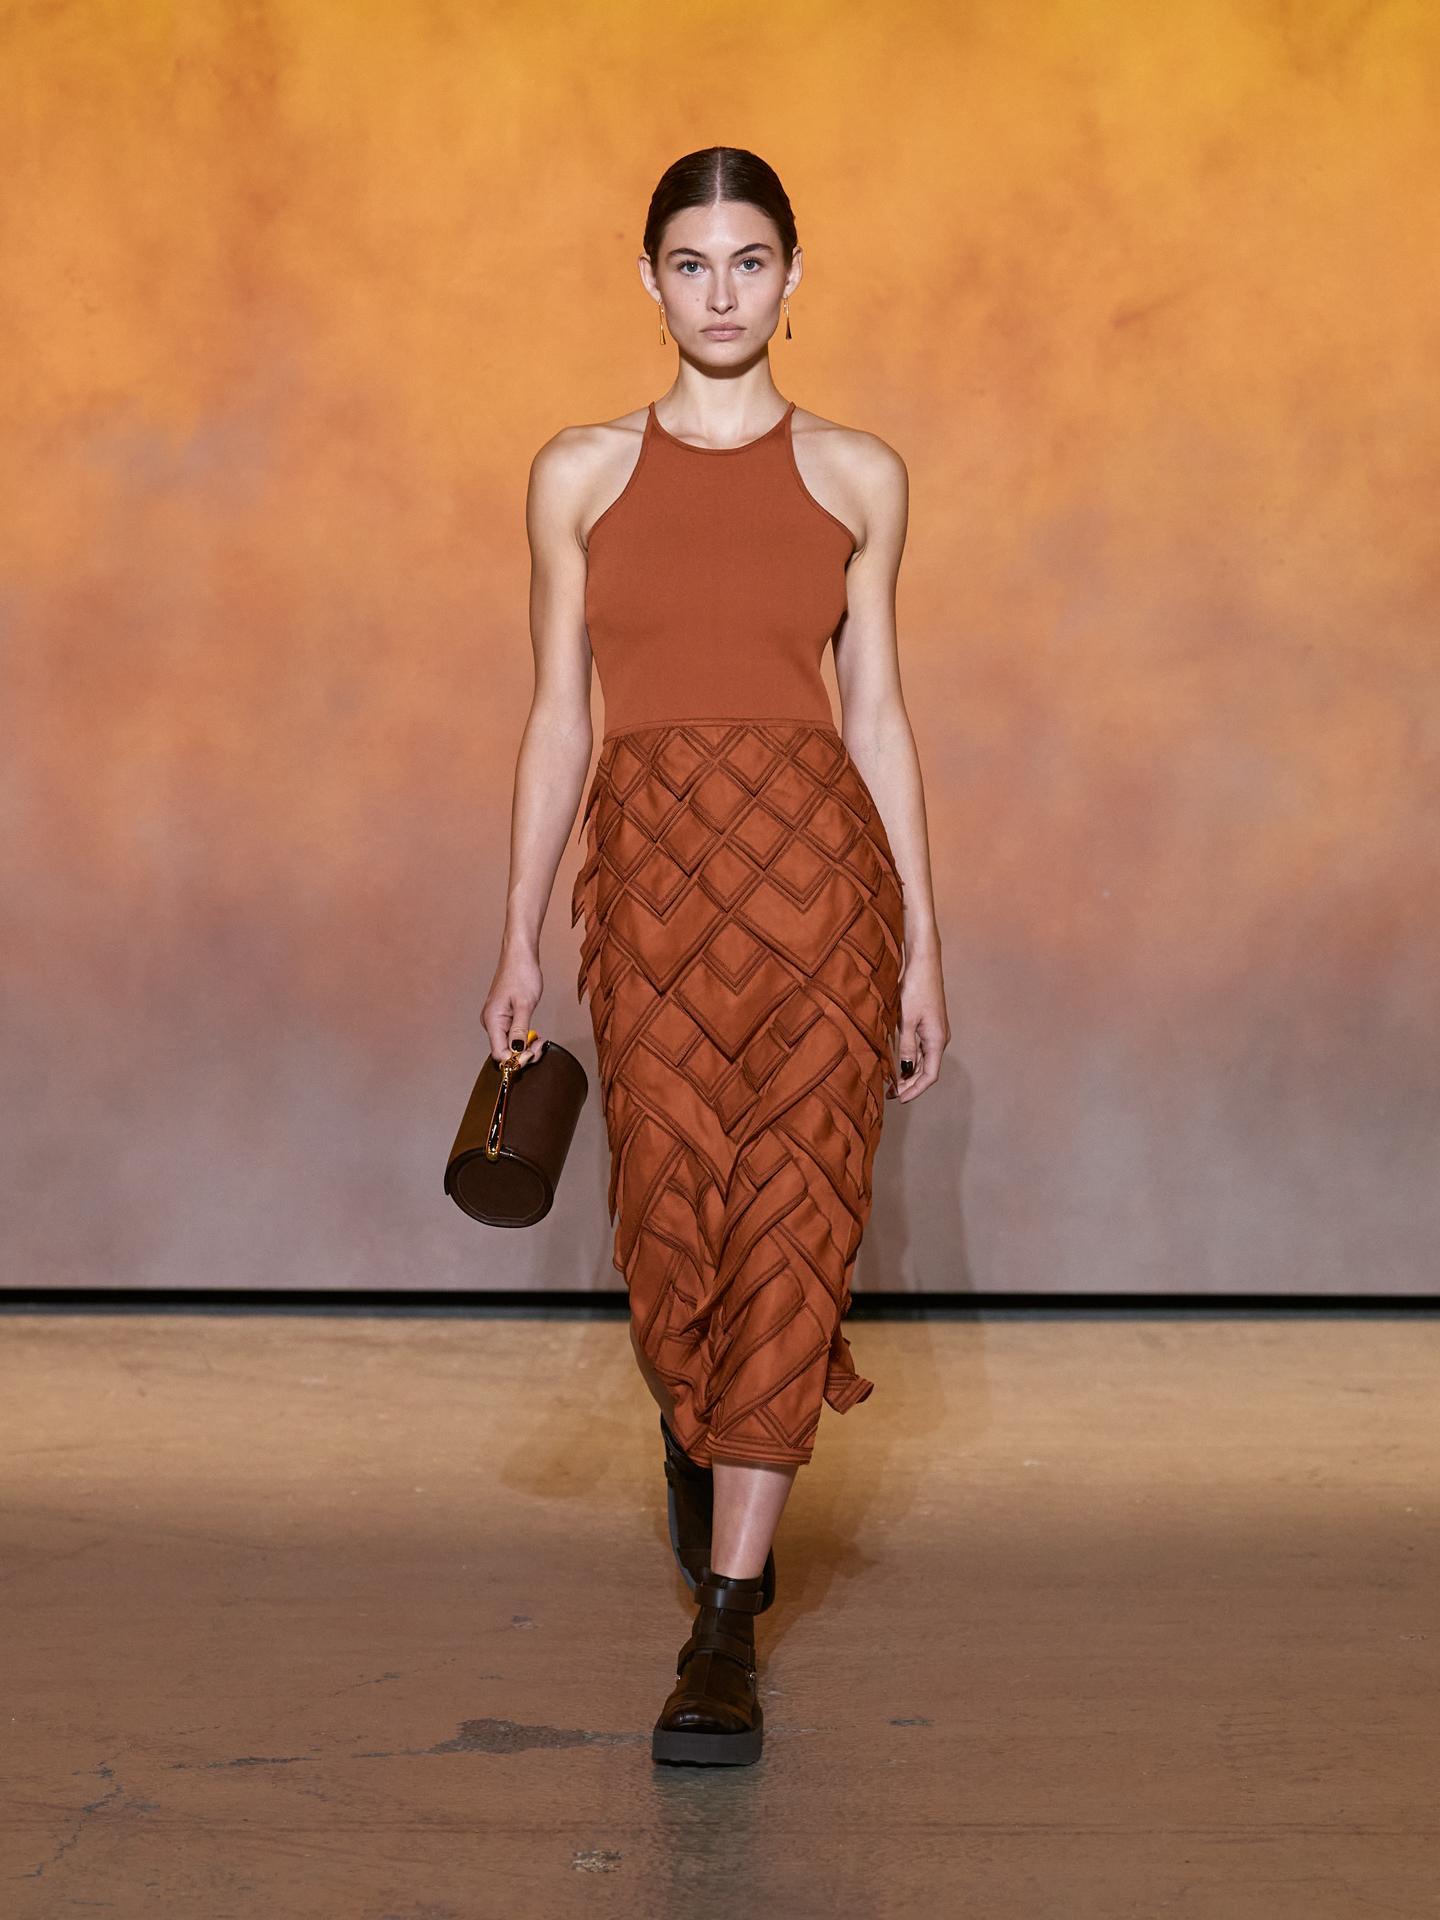 Nhà mốt lăng xê phong cách tối giản với họa tiết hình học, các vạt lụa thêu hoặc đắp bằng tay. Các nghệ nhân Hermès mất đến 10 ngày để hoàn thành phần chân váy lạ mắt.